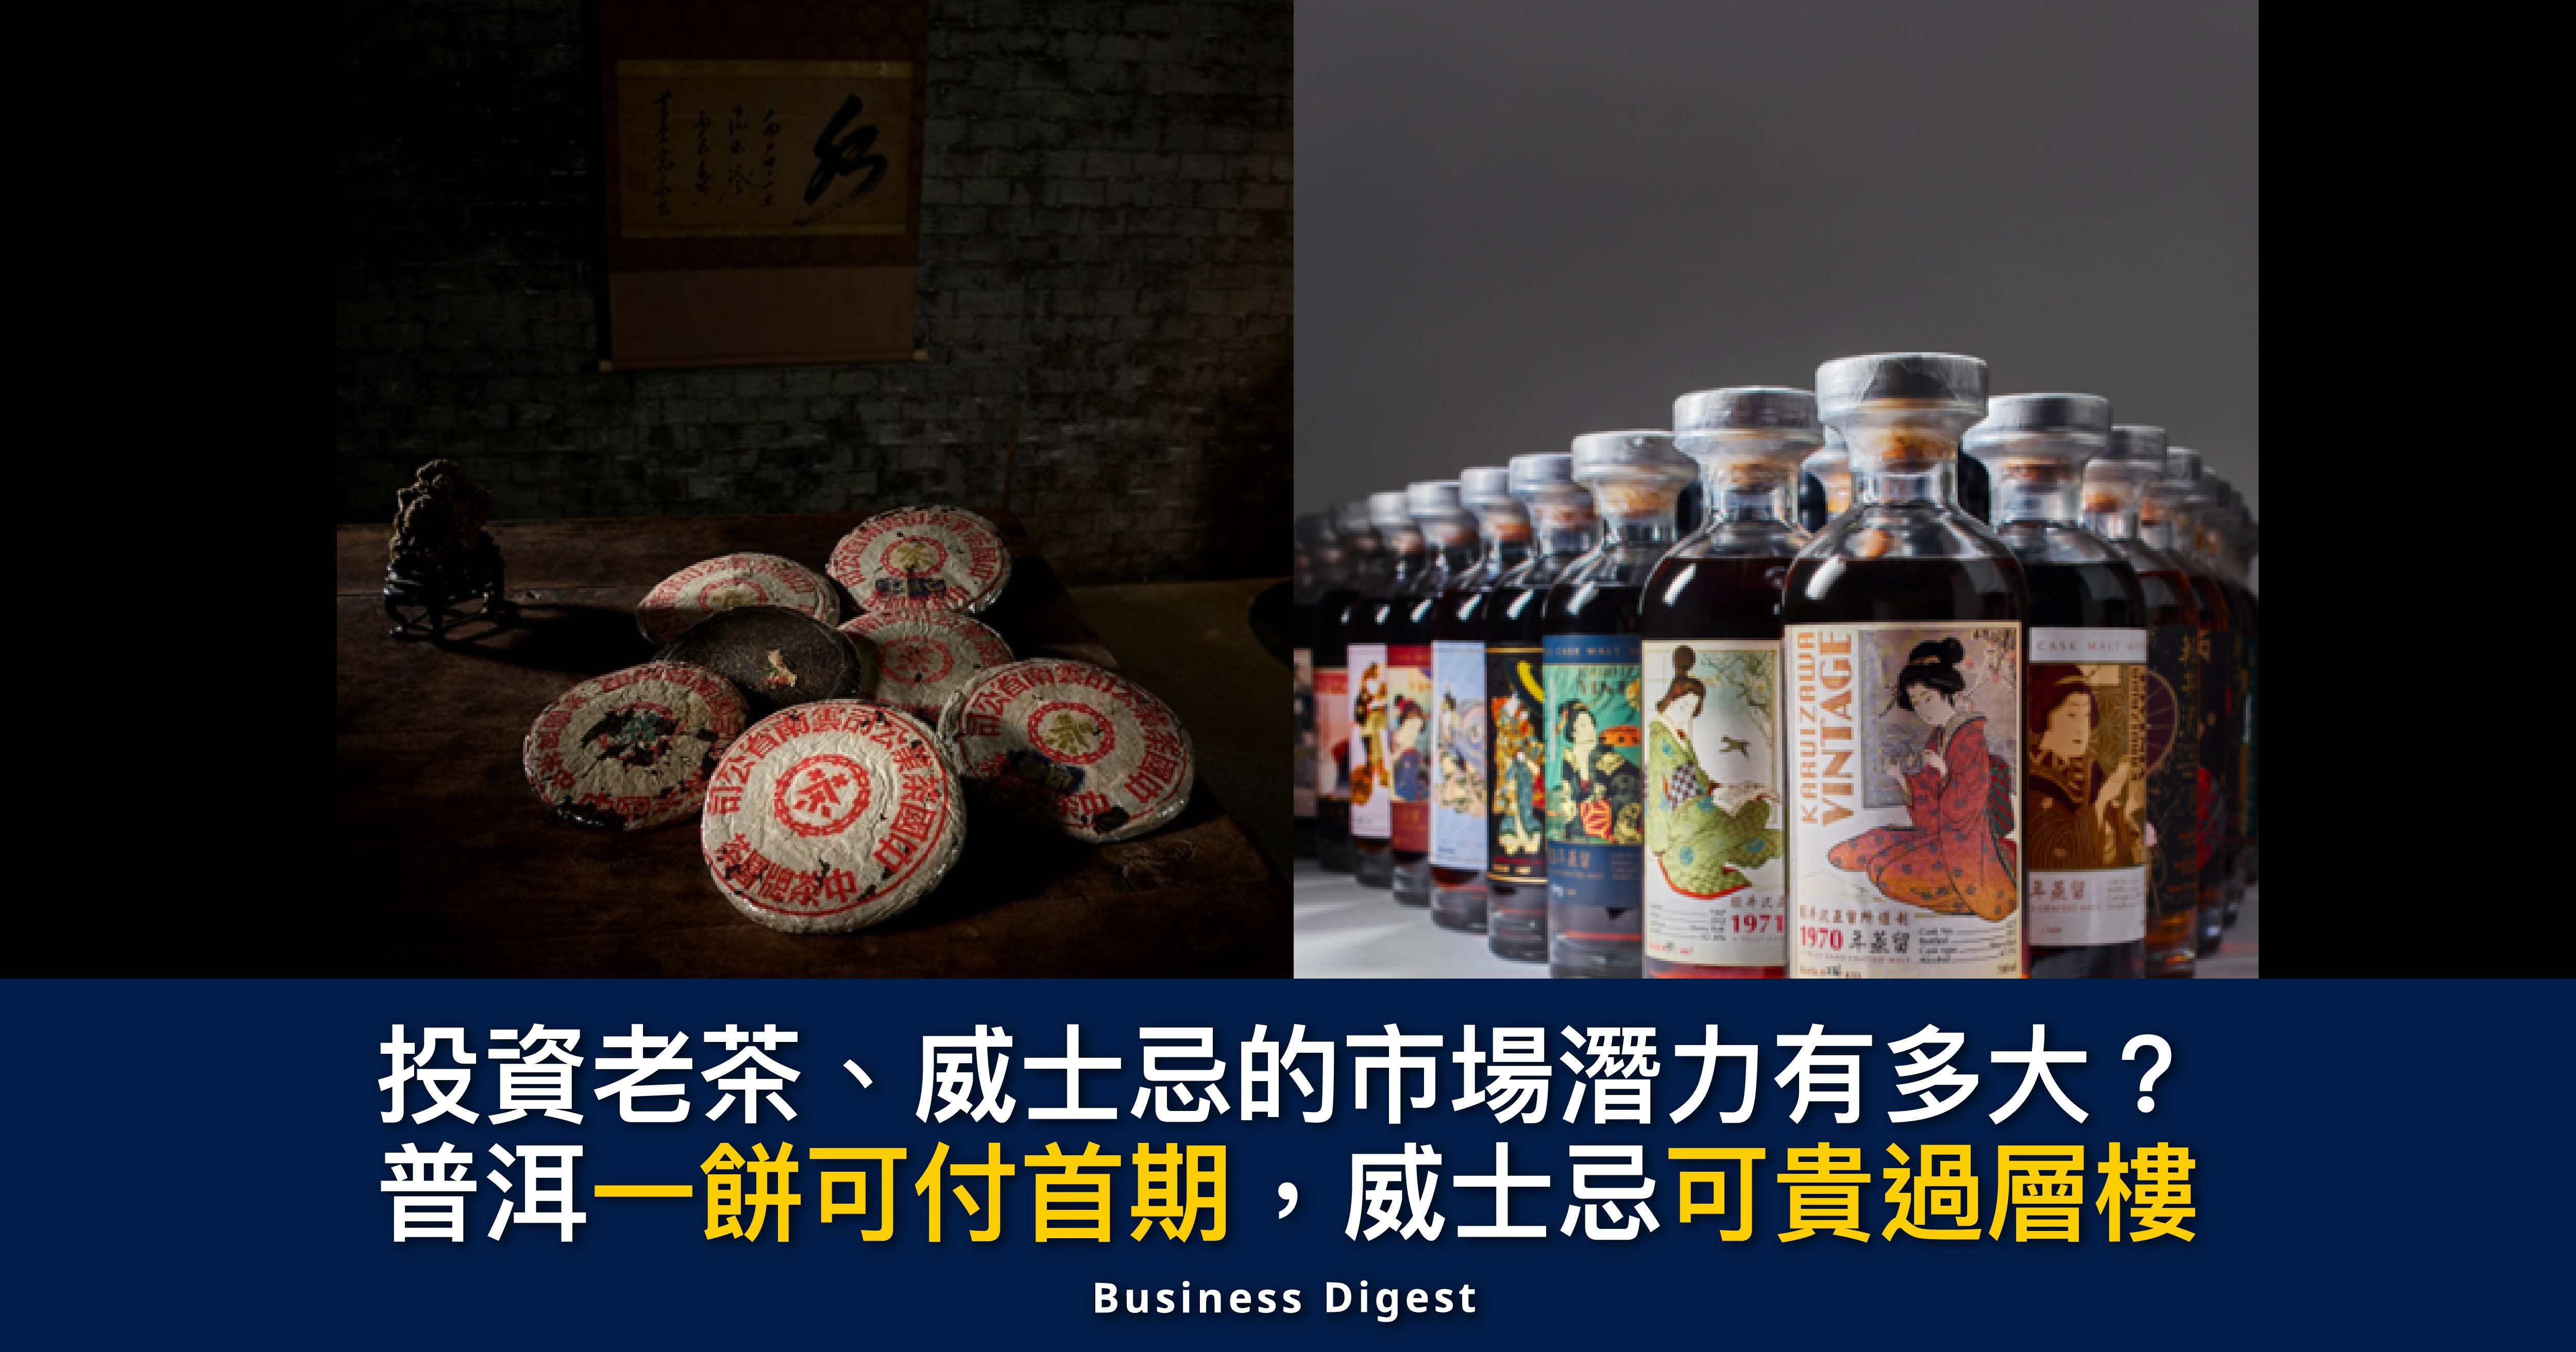 【憑什麼這麼貴】投資老茶、威士忌的市場潛力有多大? 普洱一餅可付首期,威士忌可貴過層樓